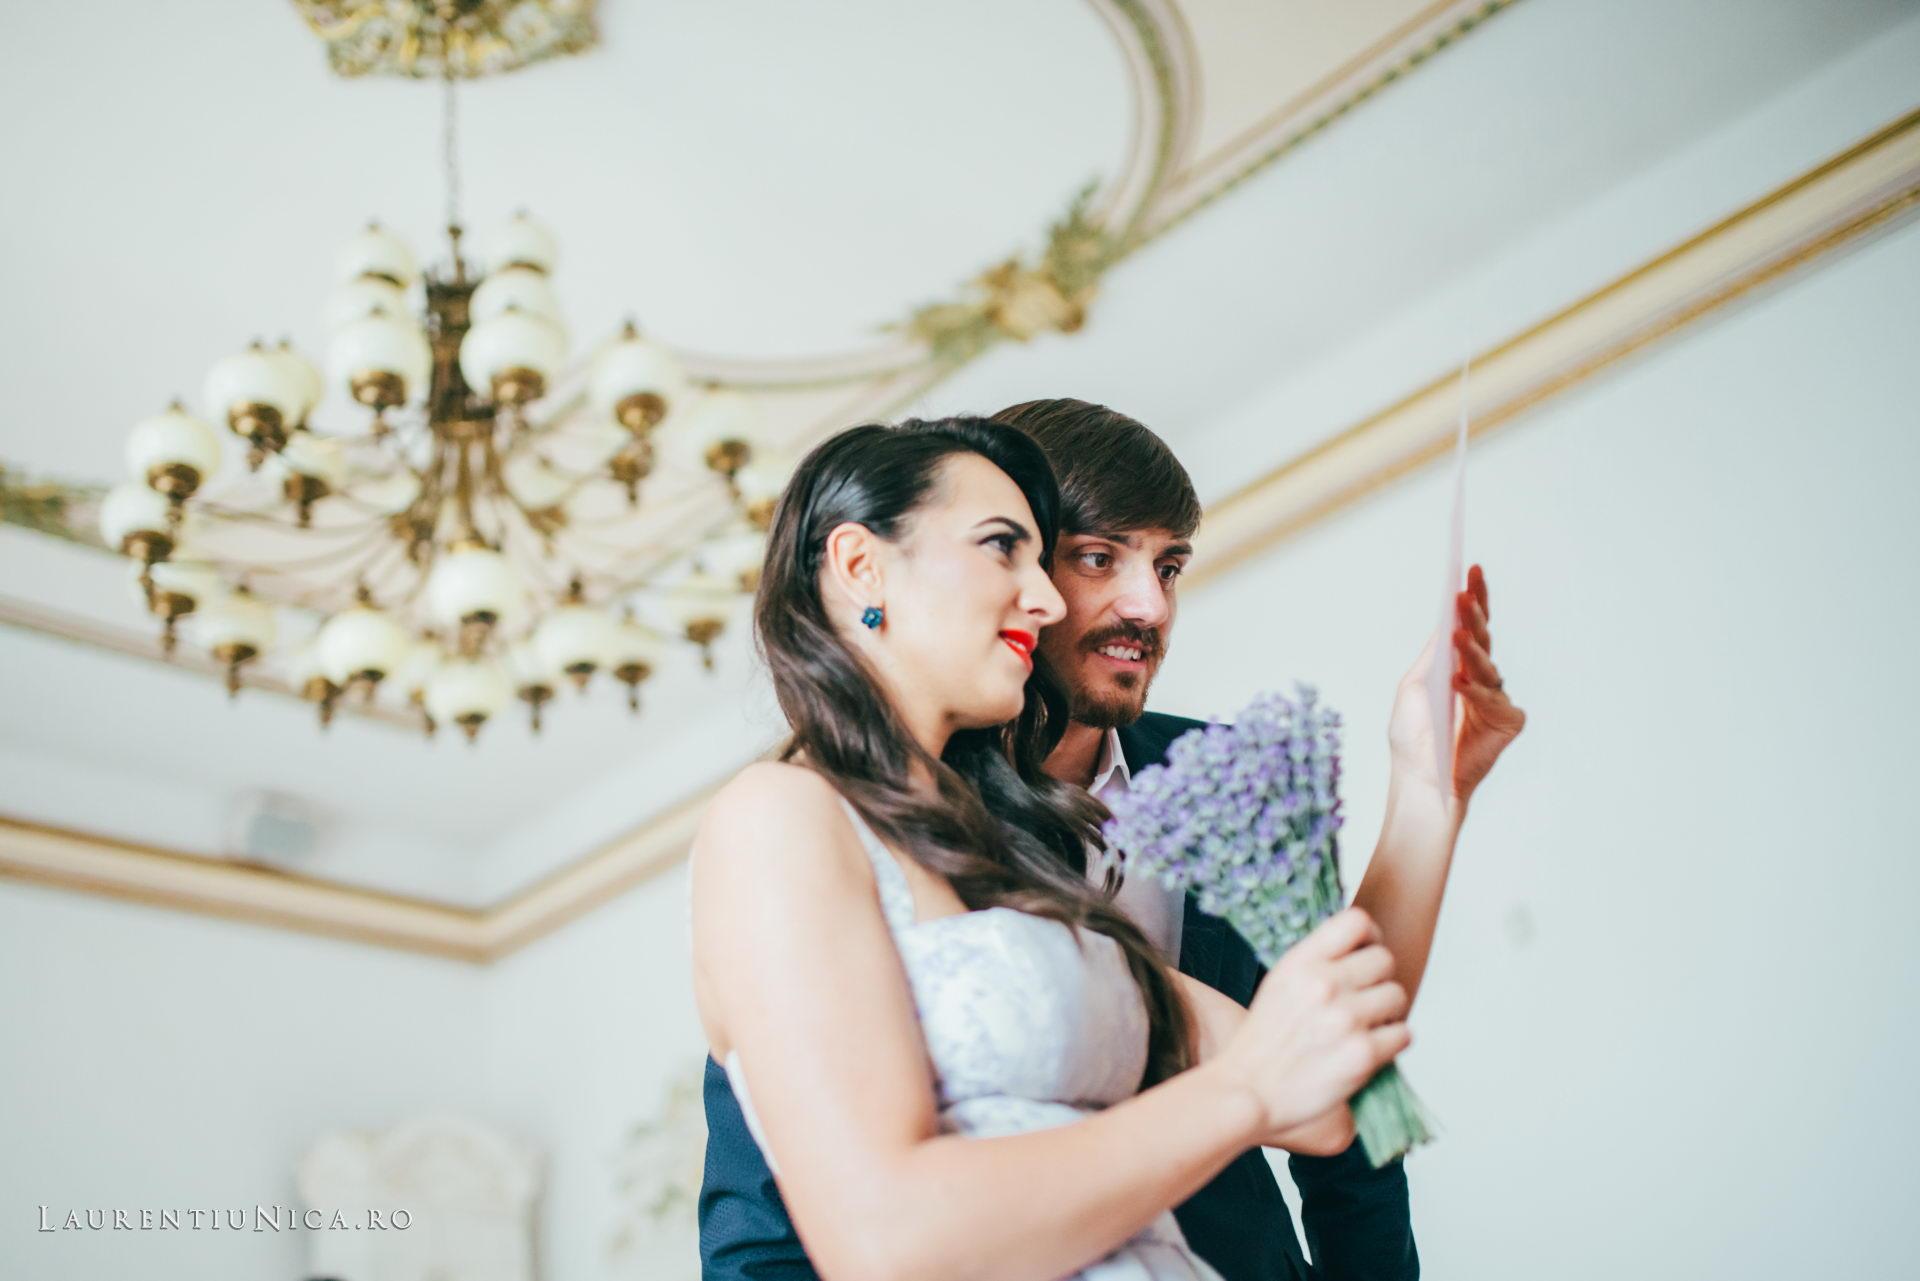 Cristina si Ovidiu nunta Craiova fotograf laurentiu nica 007 - Cristina & Ovidiu | Fotografii nunta | Craiova